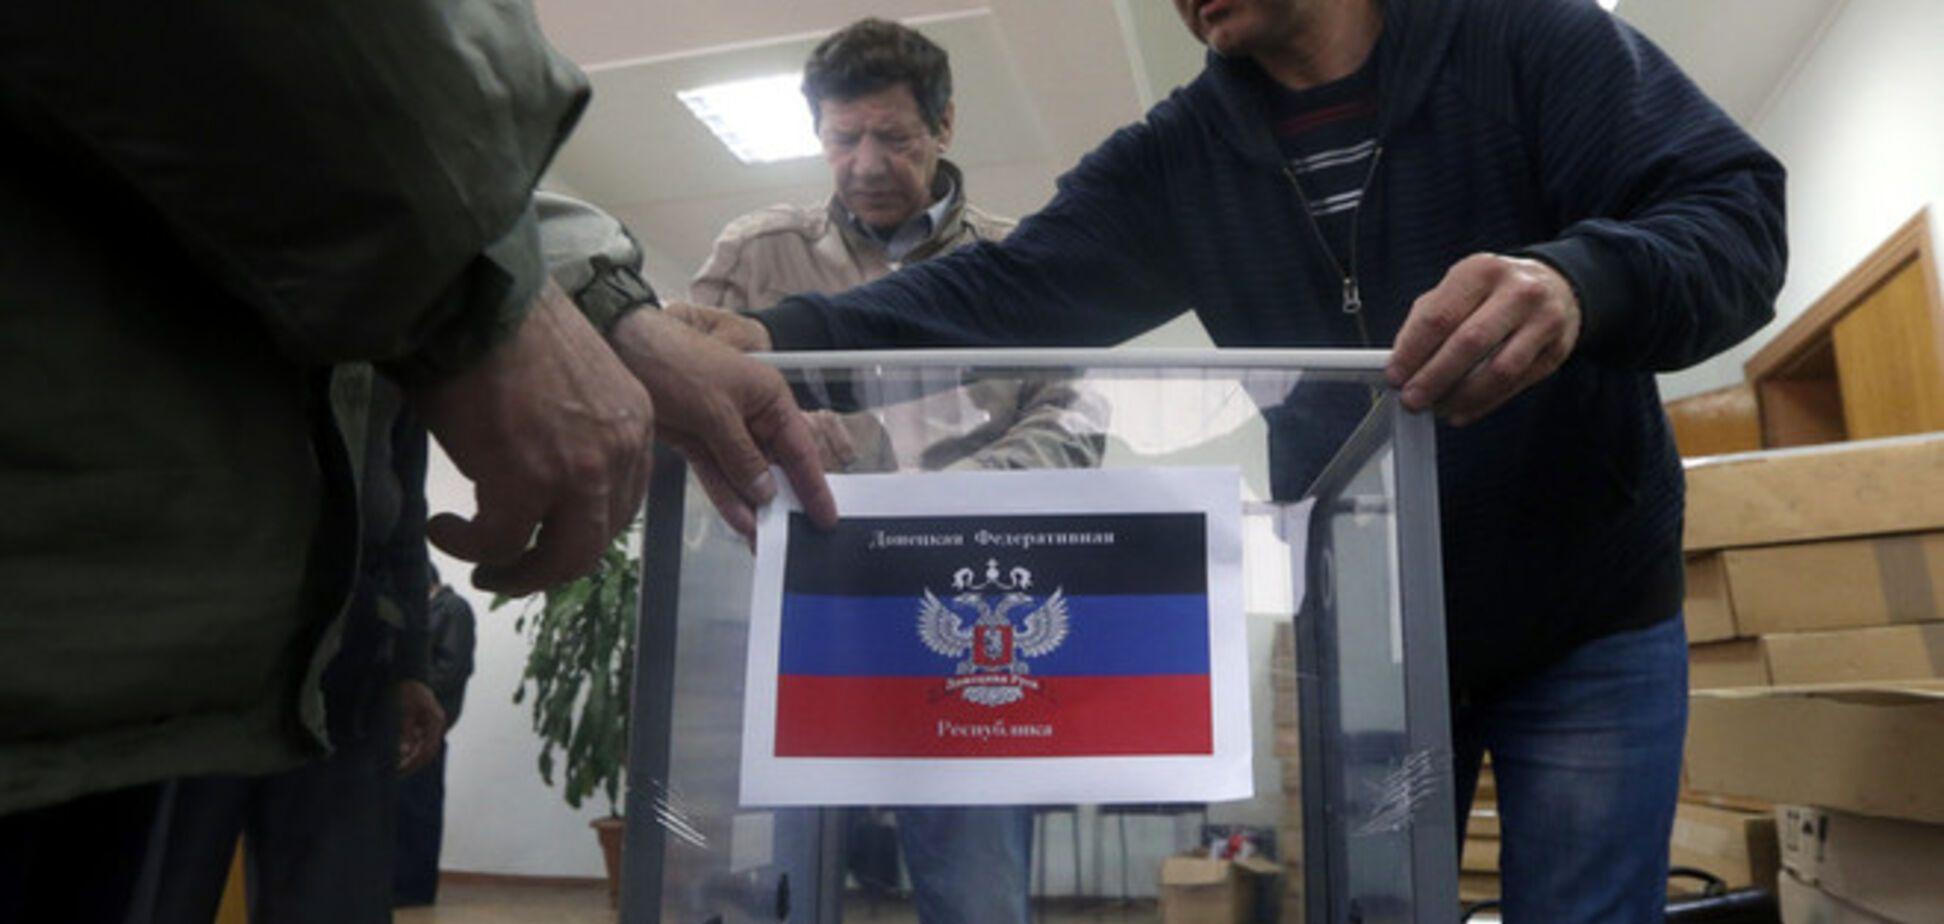 В Донецке сепаратисты планируют захватить более 80 школ - ДонОГА